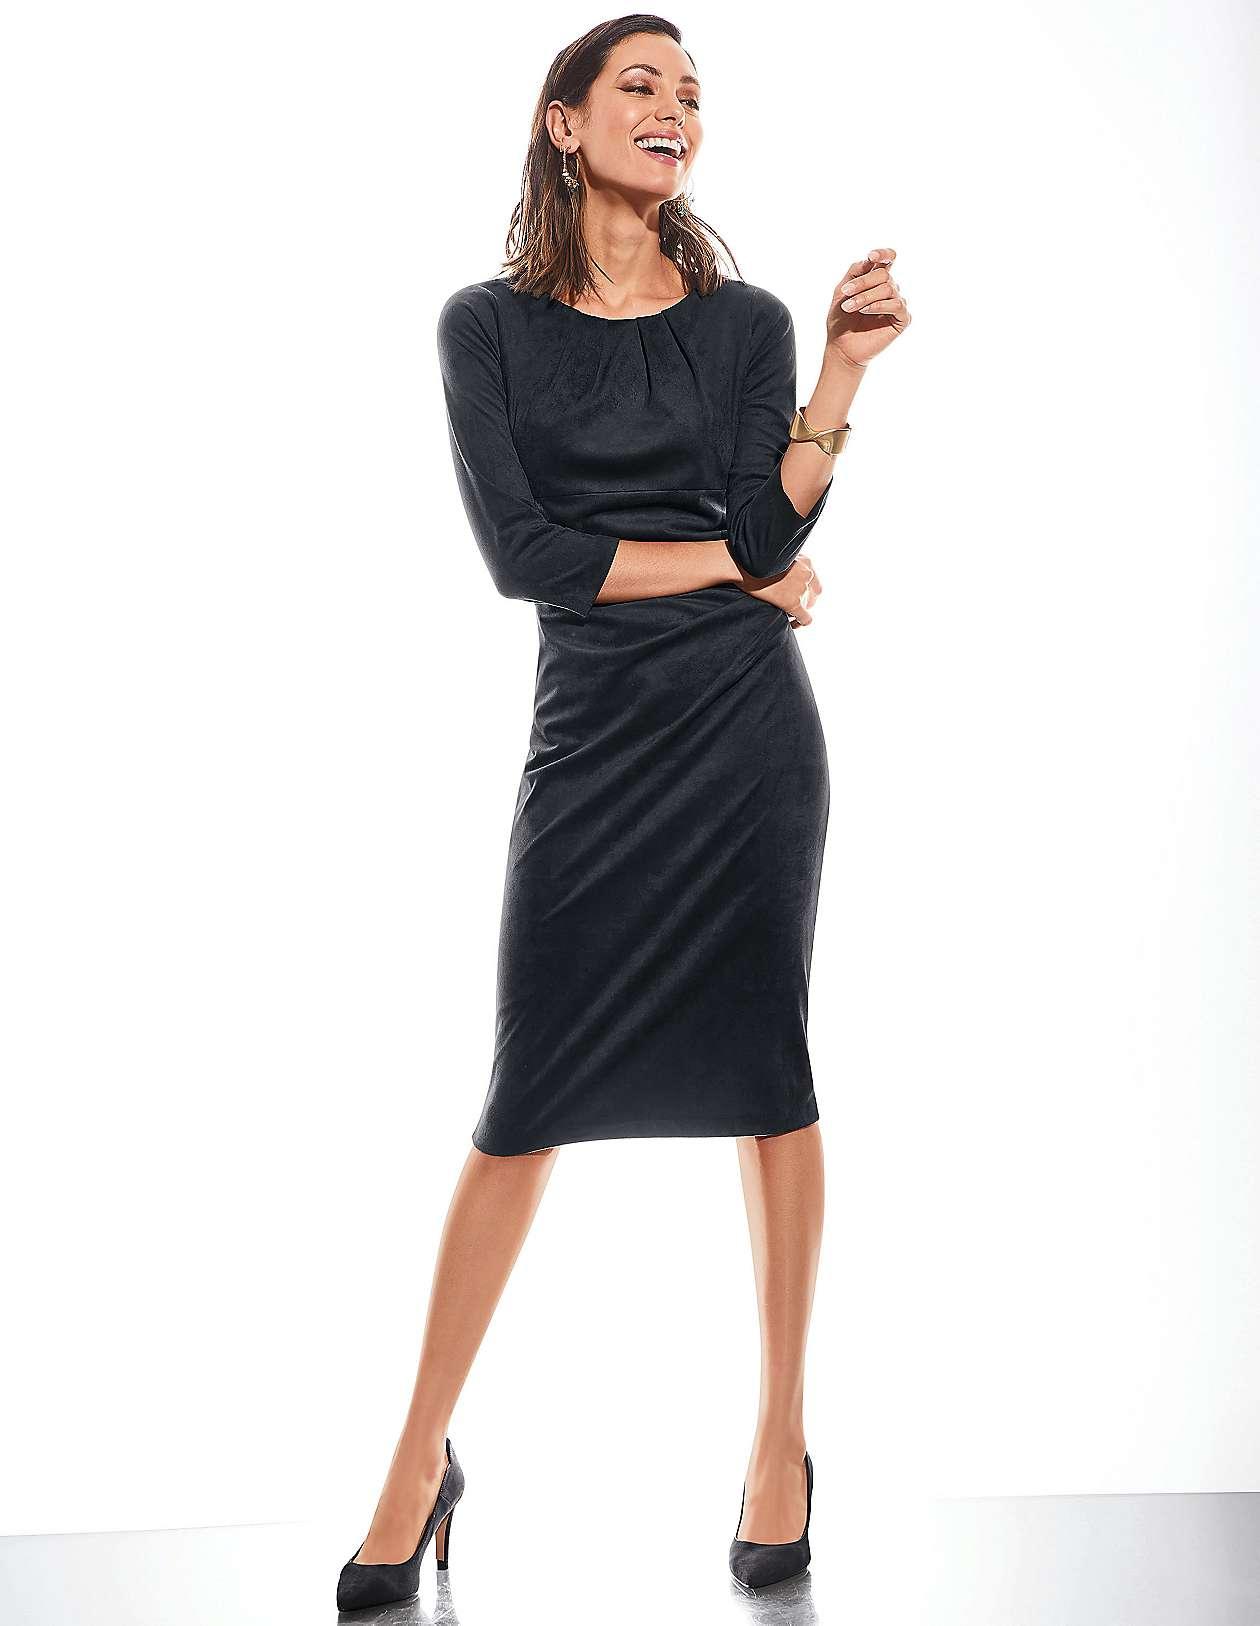 d297f2b9c48a00 Elegante Kleider für stilvolle Auftritte bestellen | MADELEINE Mode